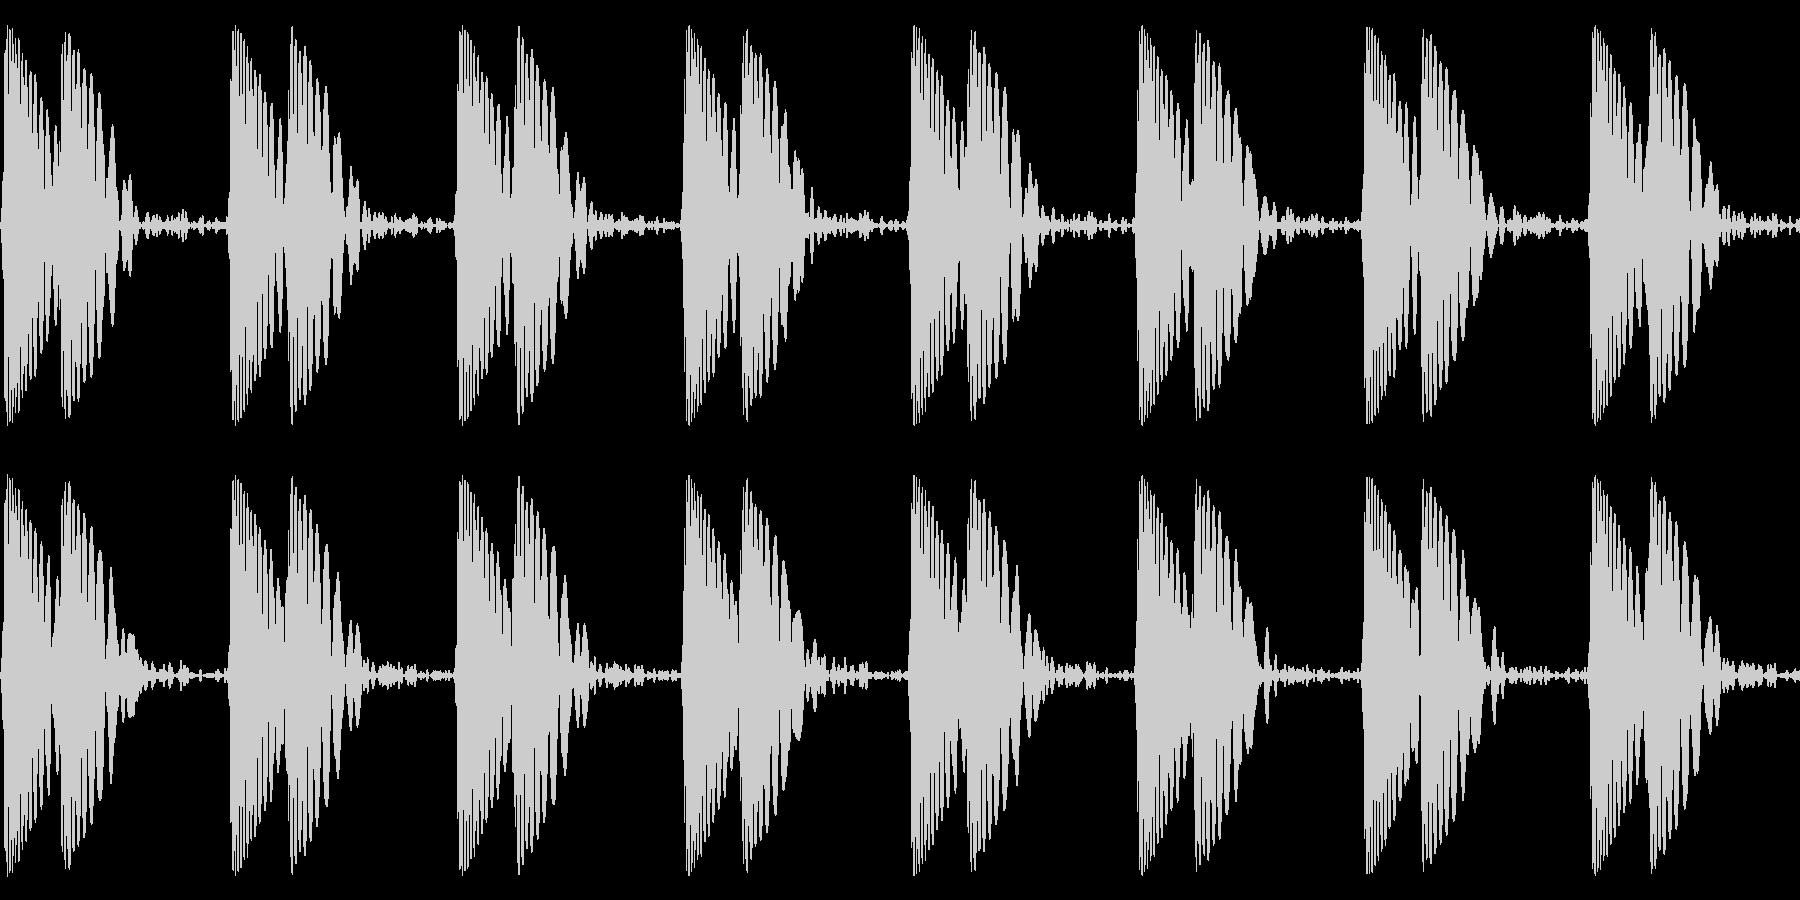 ドクン/心臓/心拍数の未再生の波形